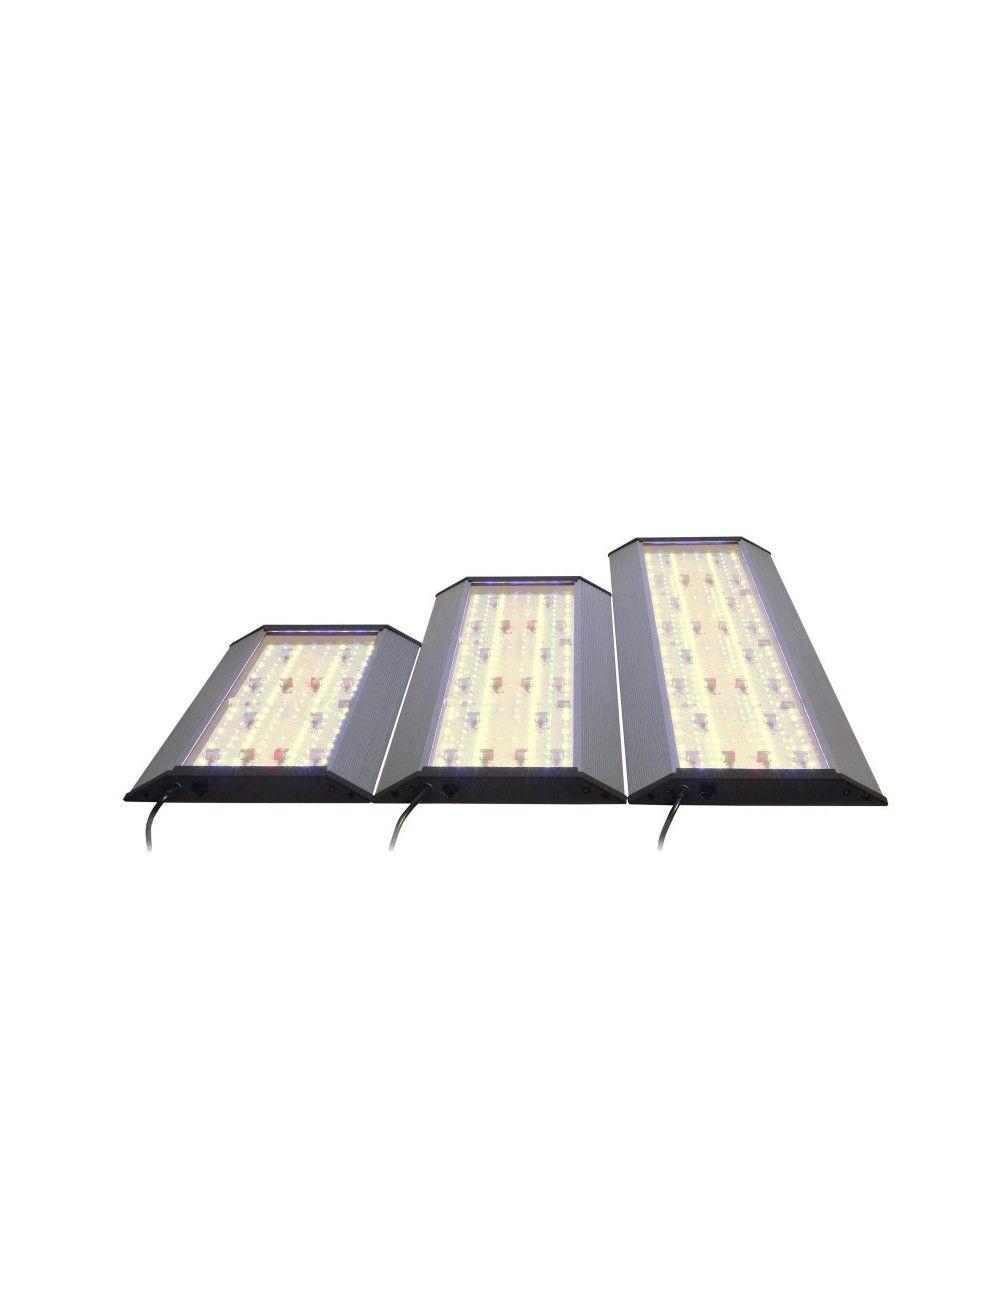 AQUA MEDIC - Aquarius plant 120 plus - Luminaire LED pour aquariums d'eau douce avec contrôle par application